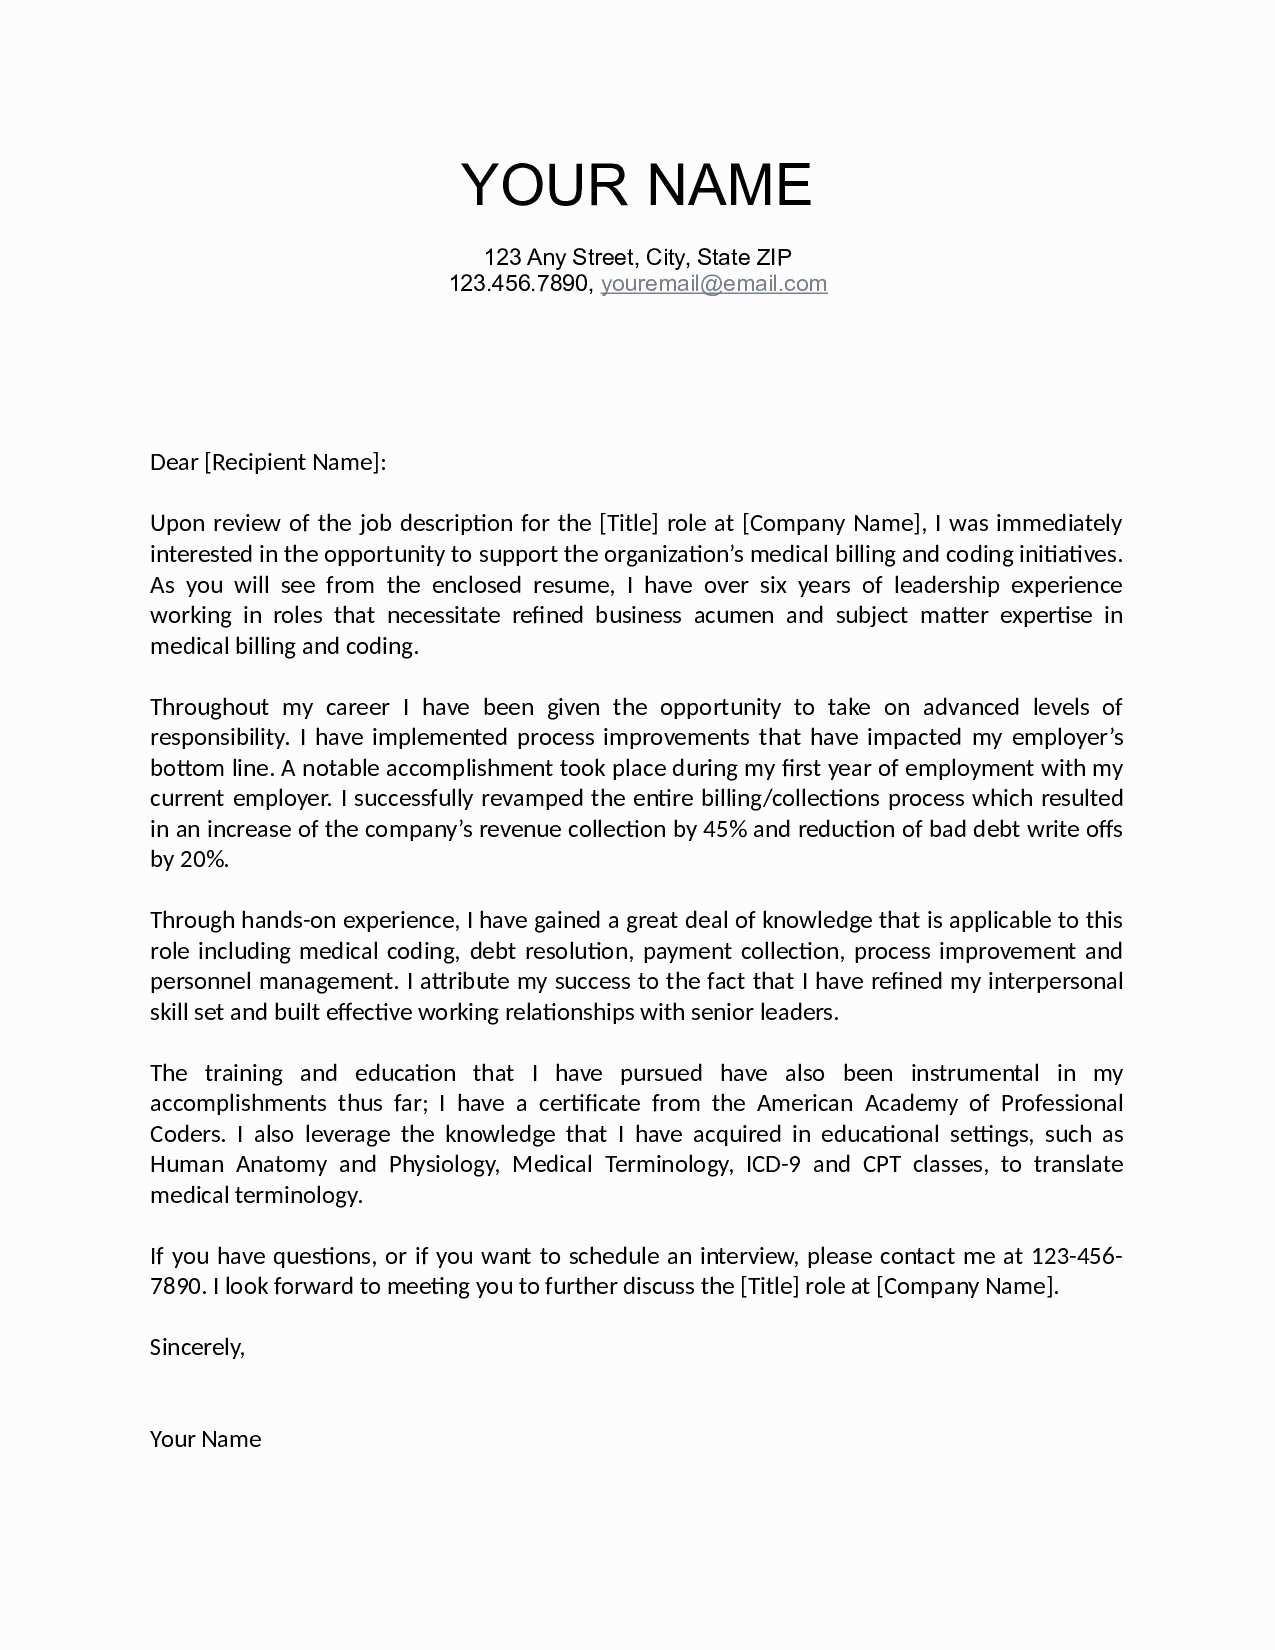 T Cover Letter Template - Fer Letter format for A Job Inspirationa Job Fer Letter Template